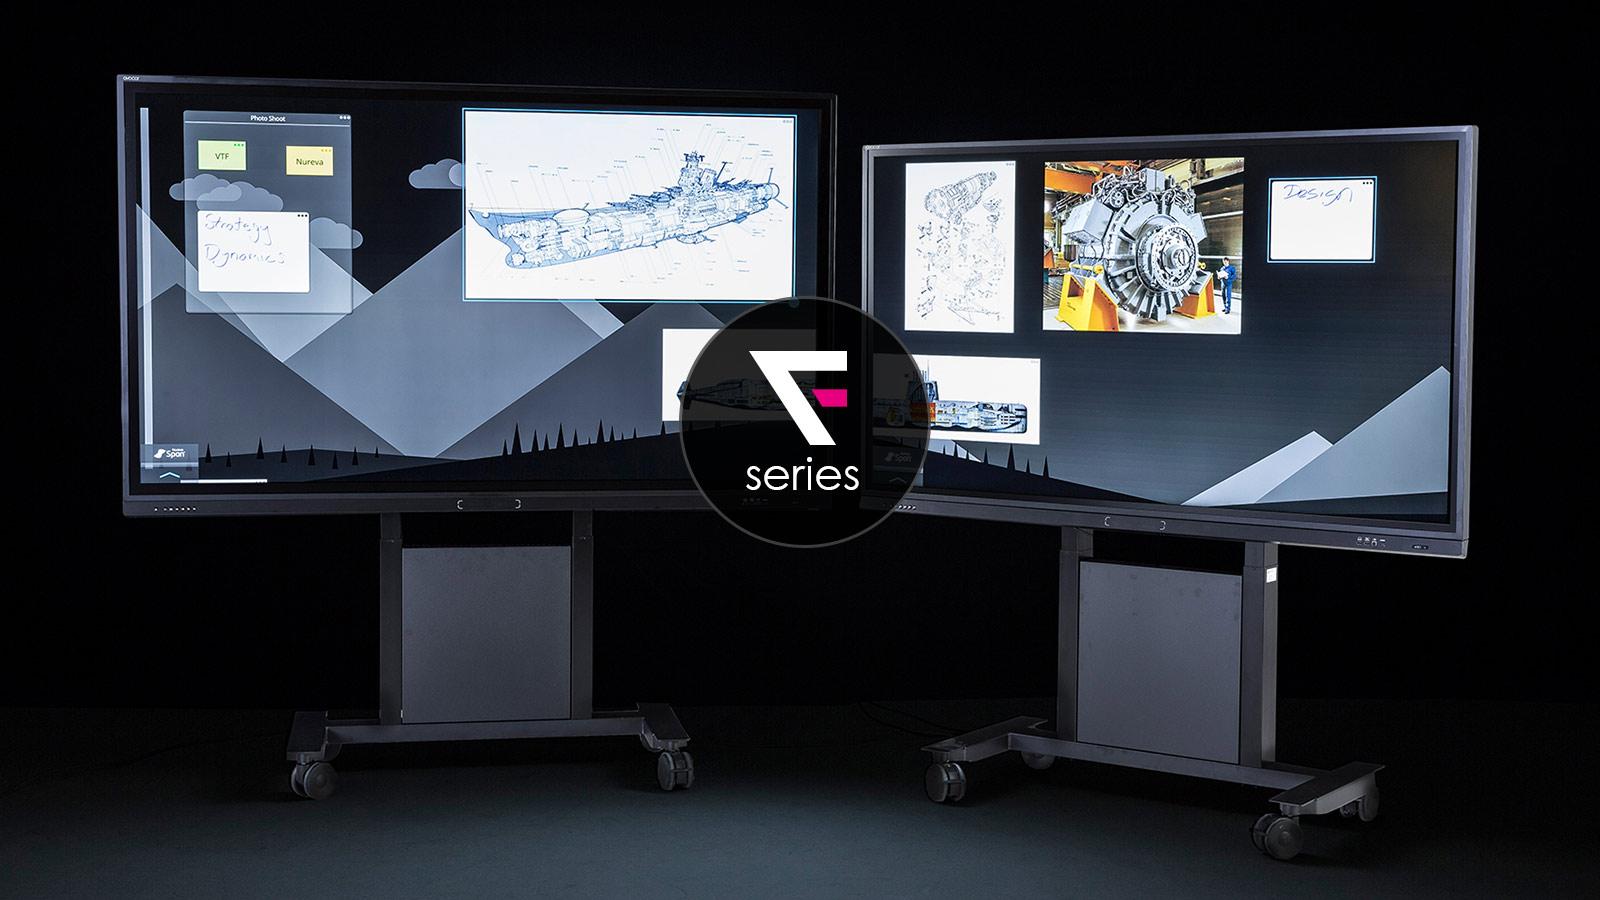 Avocor F 7510 Interactive Touch Screen Windows 10 Os